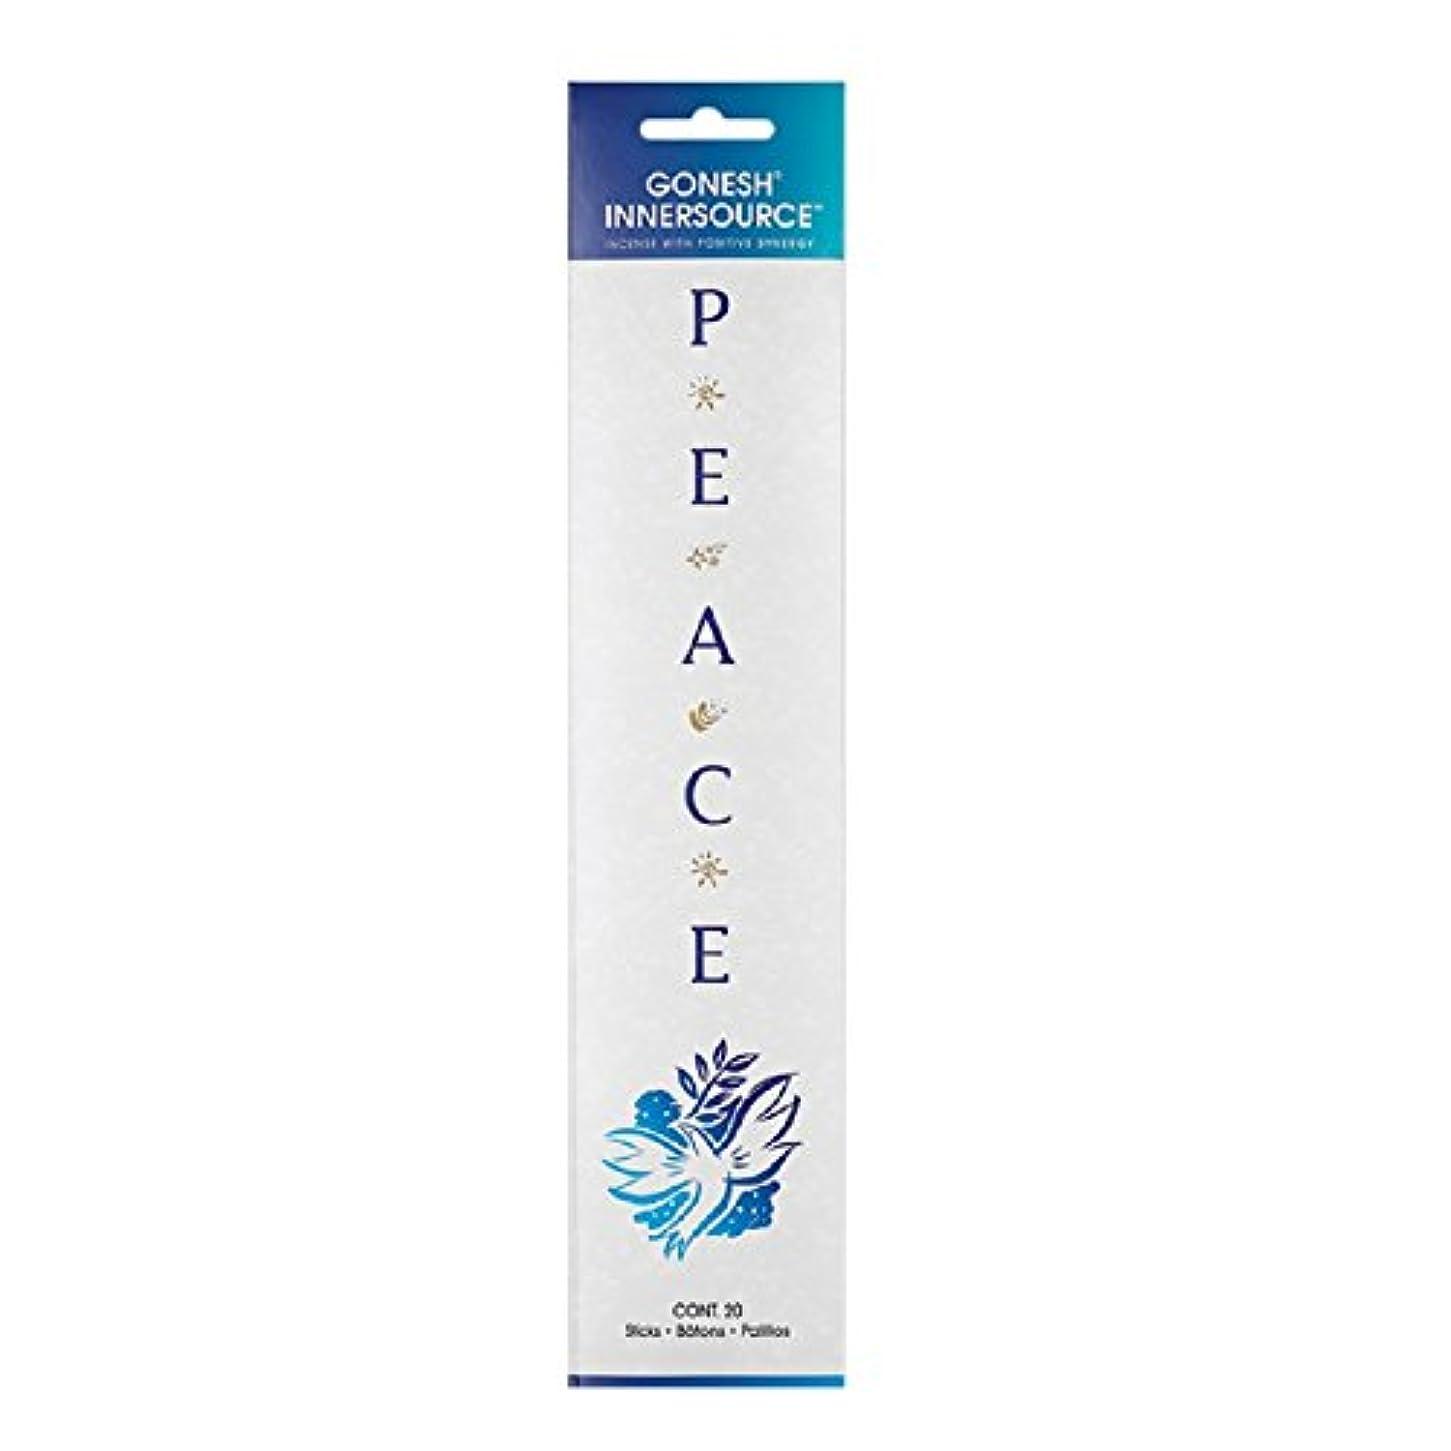 けん引迫害するオーロックGonesh Incense Sticks Innerソース平和、20ピース